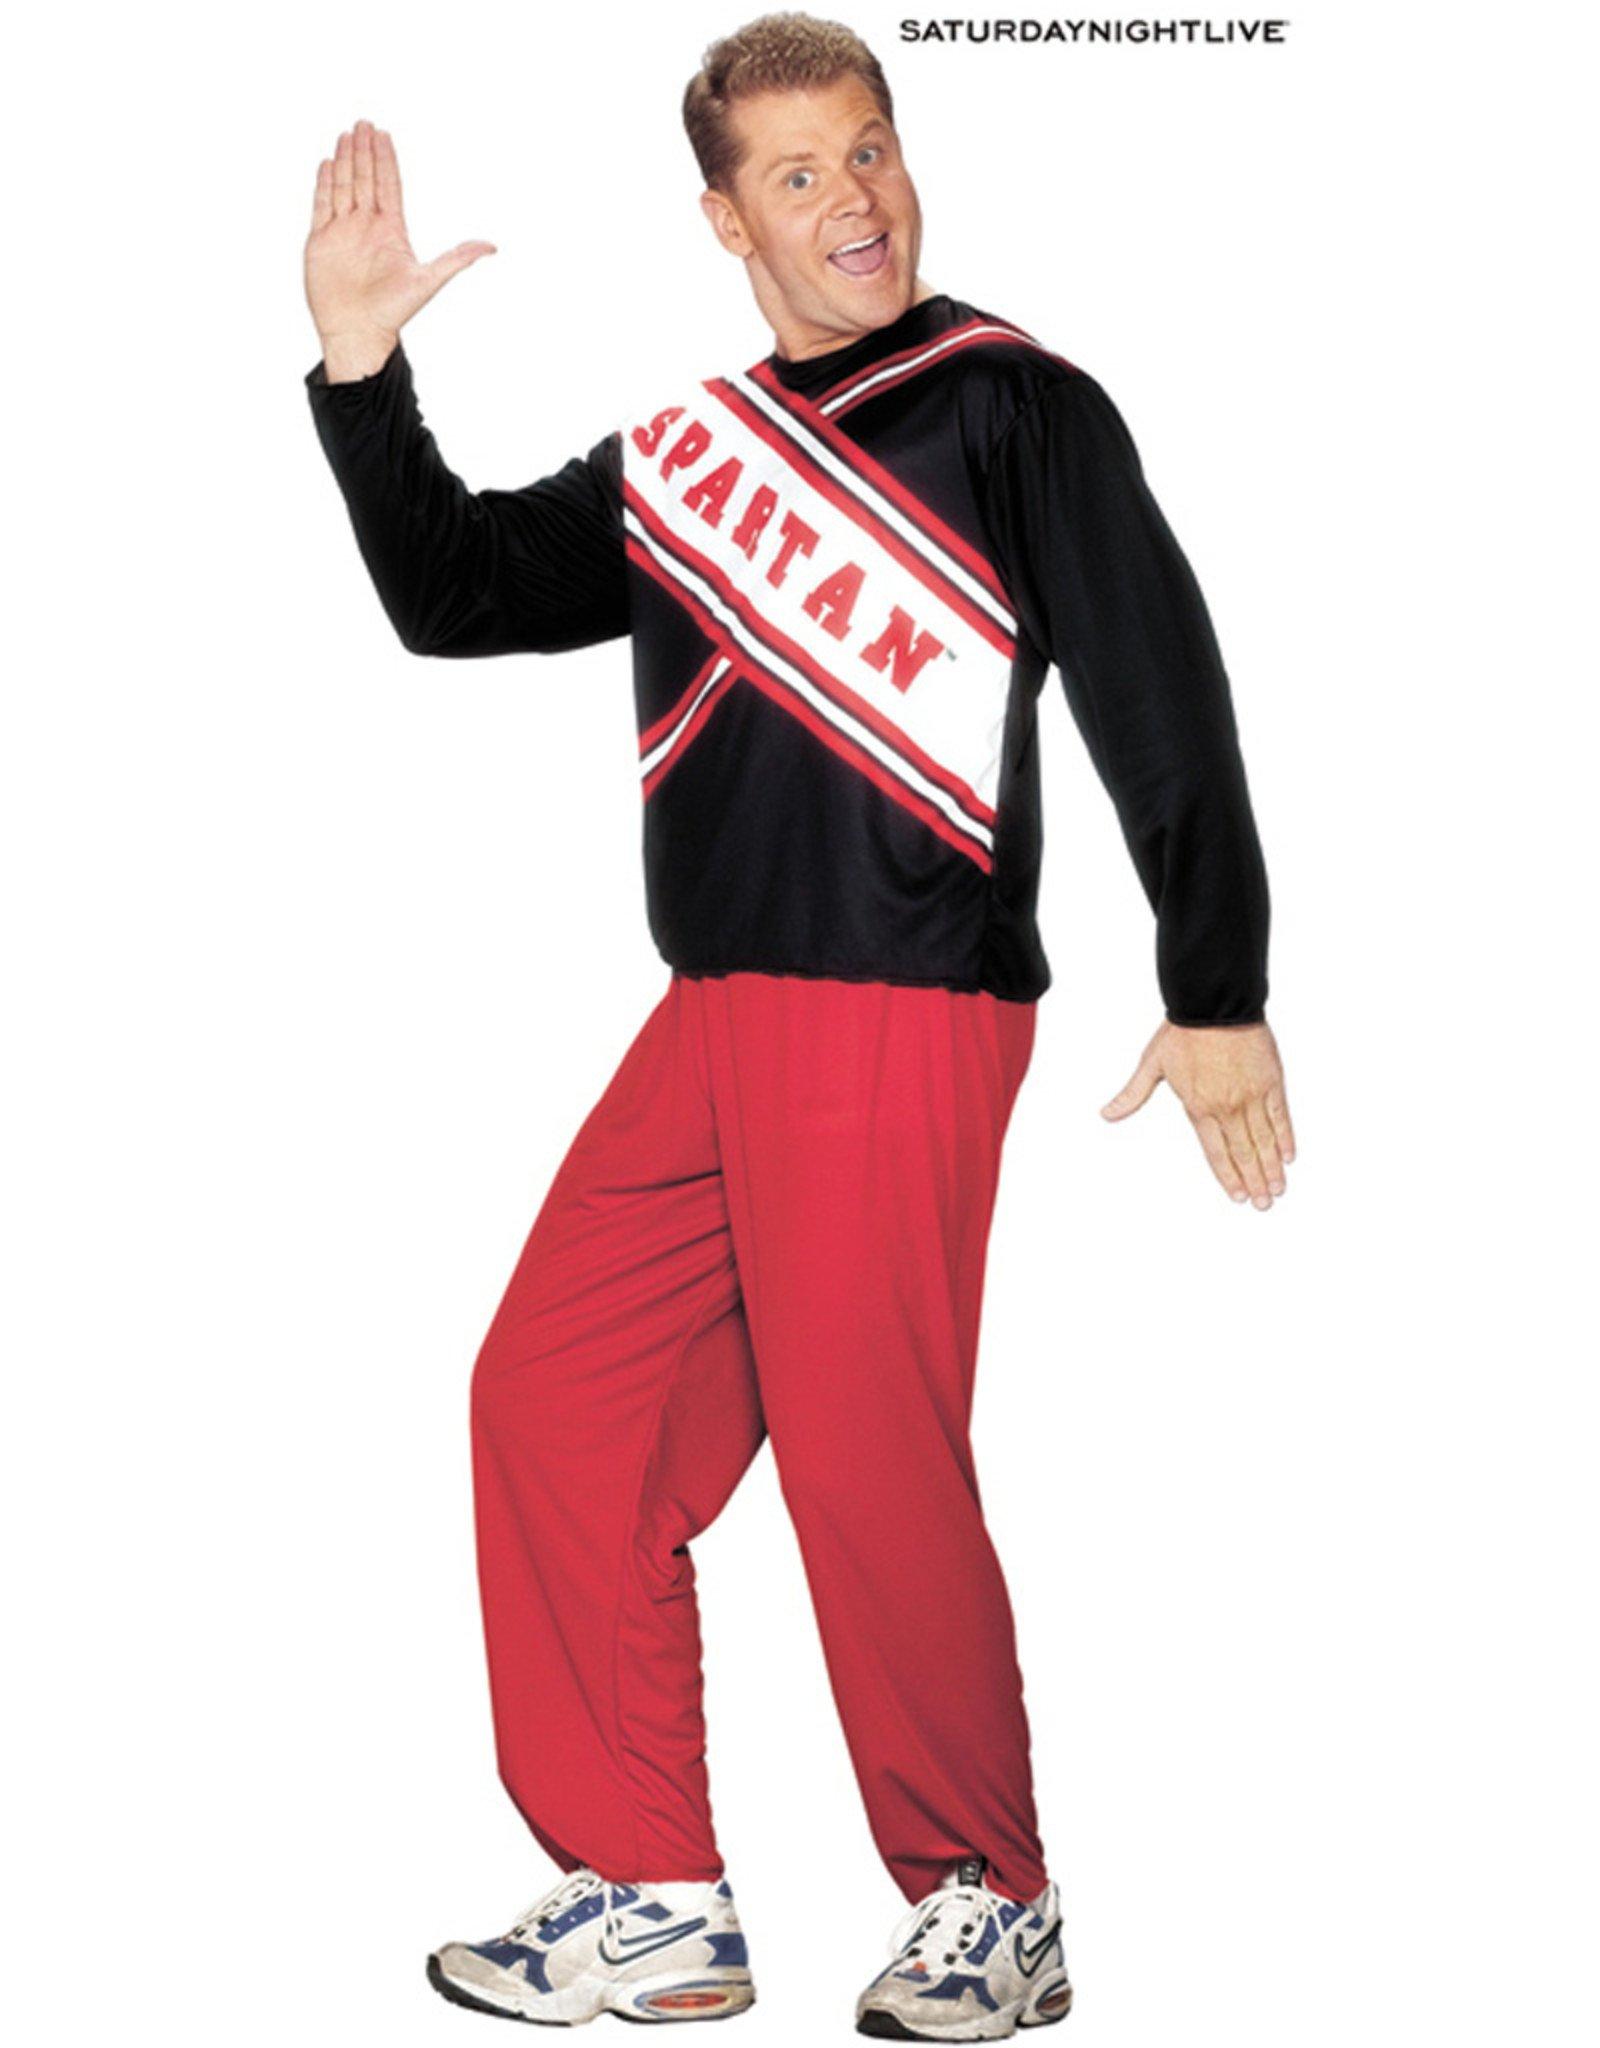 Spartan Cheerleader SNL Costume - Men's